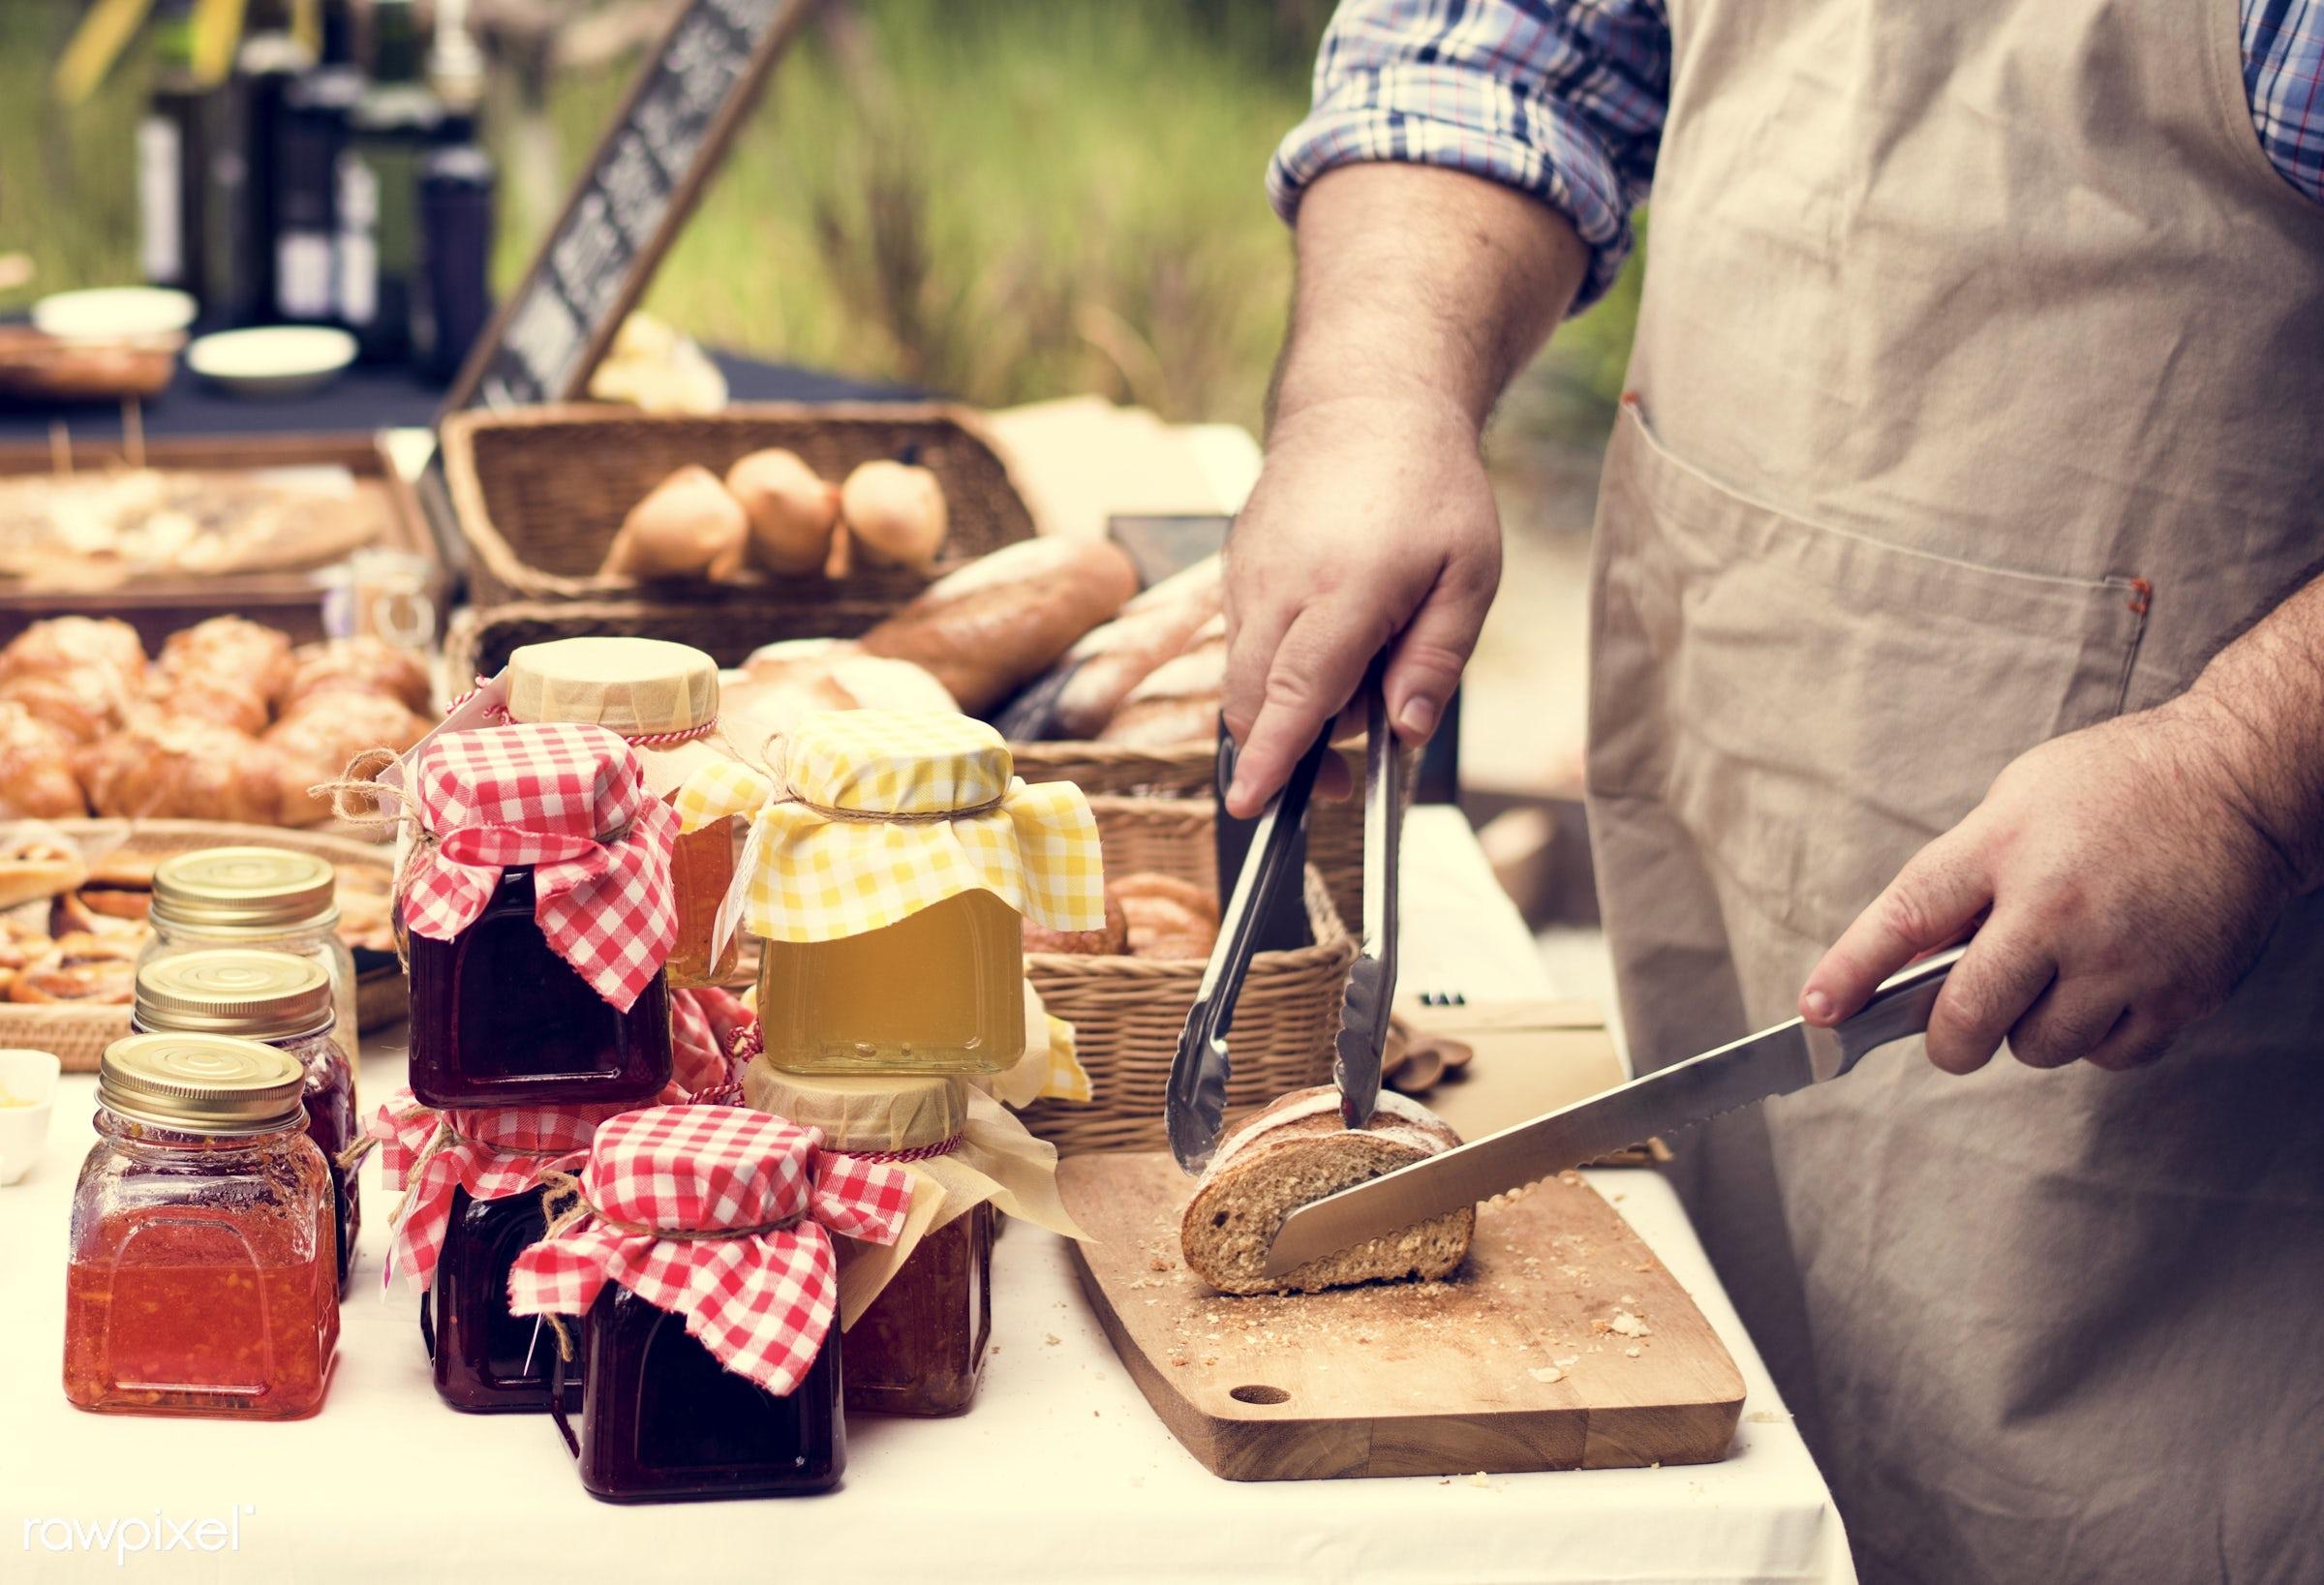 grocery, shop, cutout, pastries, cuisine, stall, bake, goods, homemade, baked, taste, bakery, fresh, bread, various, jam,...